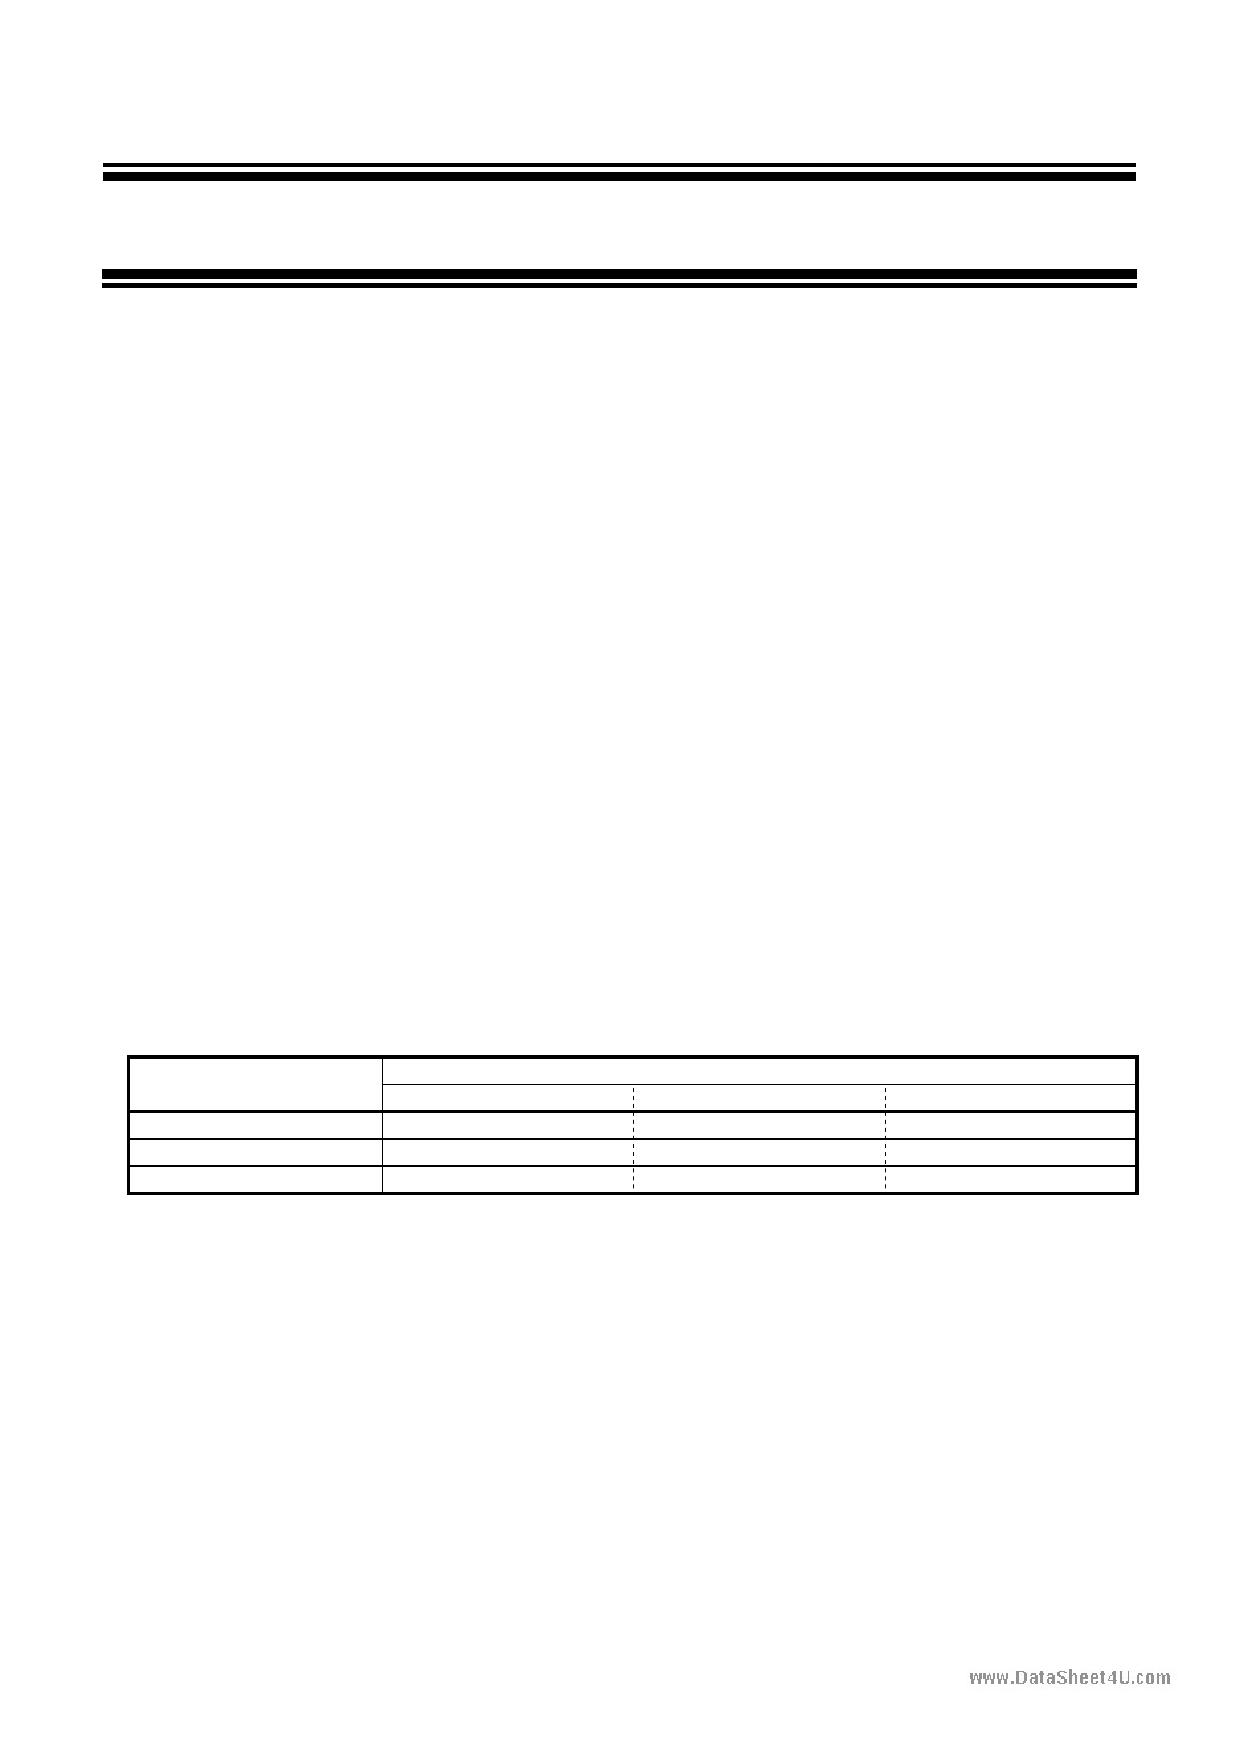 S-1000Nxx datasheet